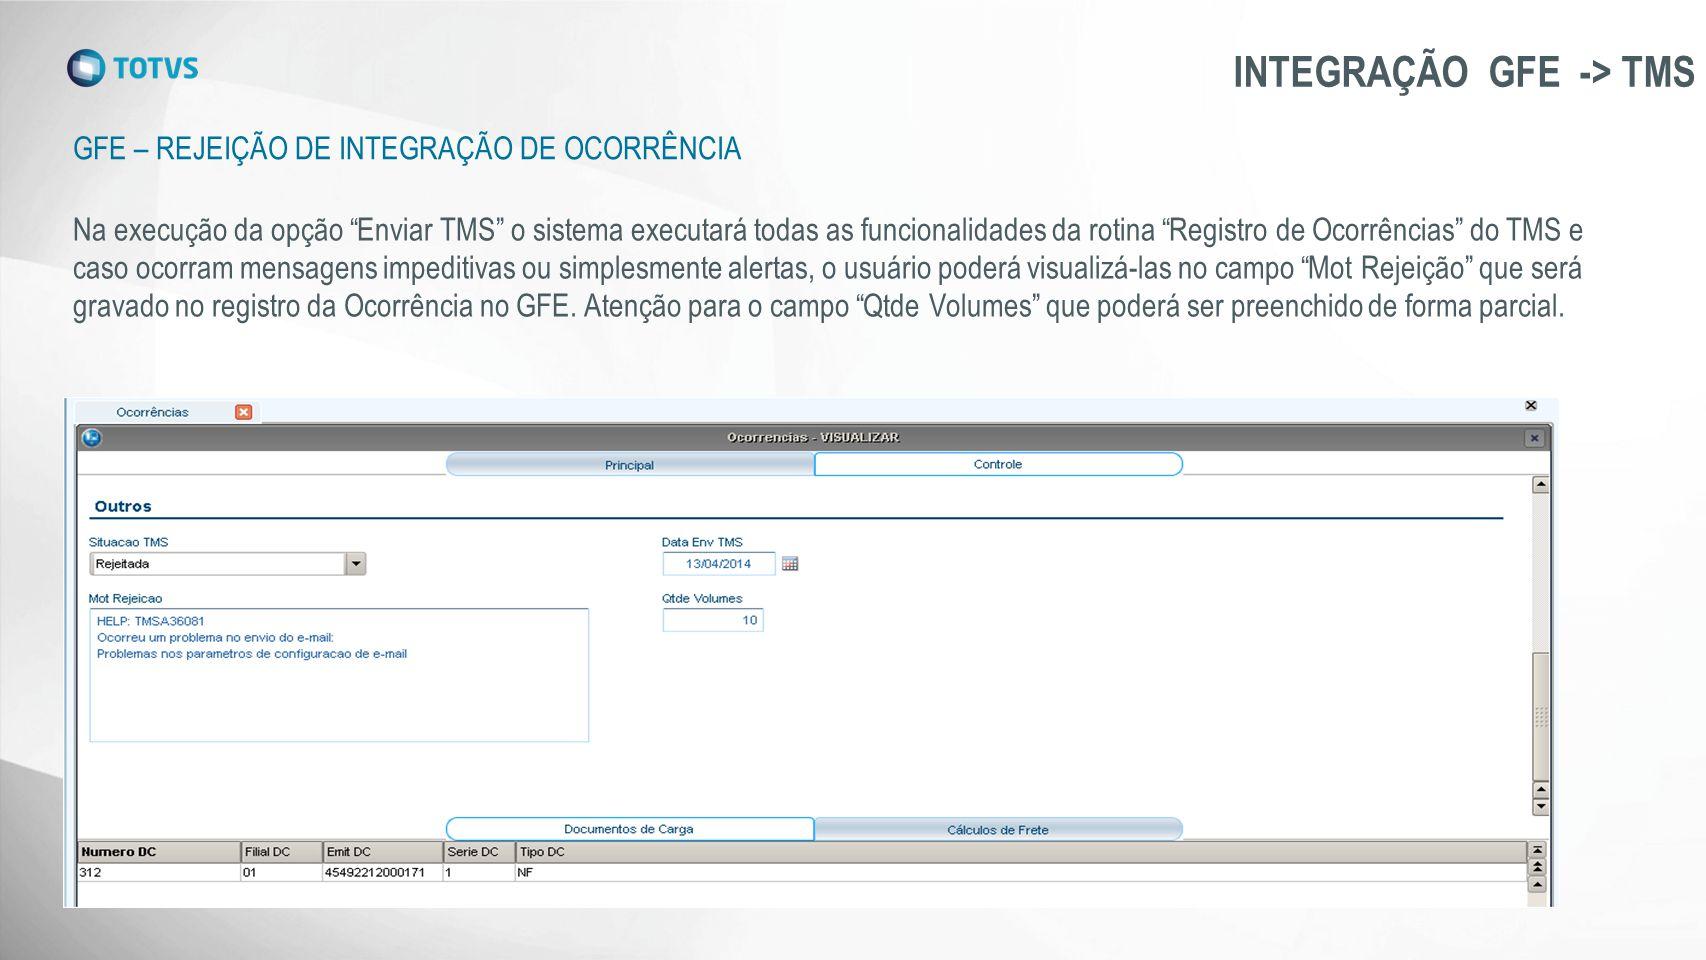 """GFE – REJEIÇÃO DE INTEGRAÇÃO DE OCORRÊNCIA INTEGRAÇÃO GFE -> TMS Na execução da opção """"Enviar TMS"""" o sistema executará todas as funcionalidades da rot"""